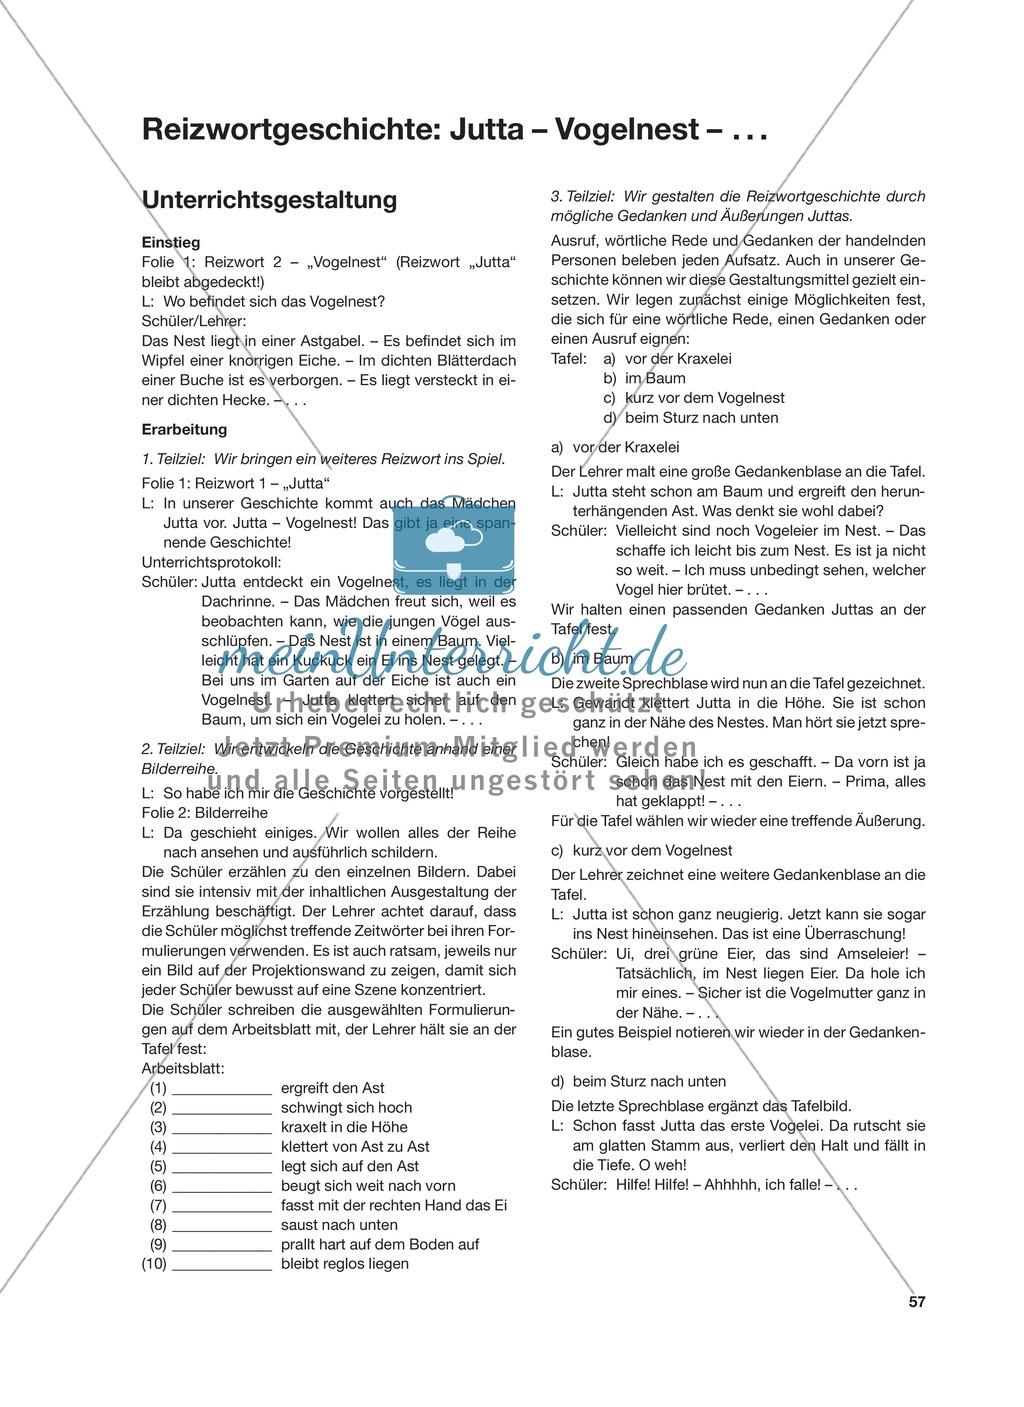 Reizwortgeschichte - Jutta, Vogelnest, ...: Unterrichtsgestaltung, Zuordnungsplan, Übungs- und Kontrollkarten Preview 0